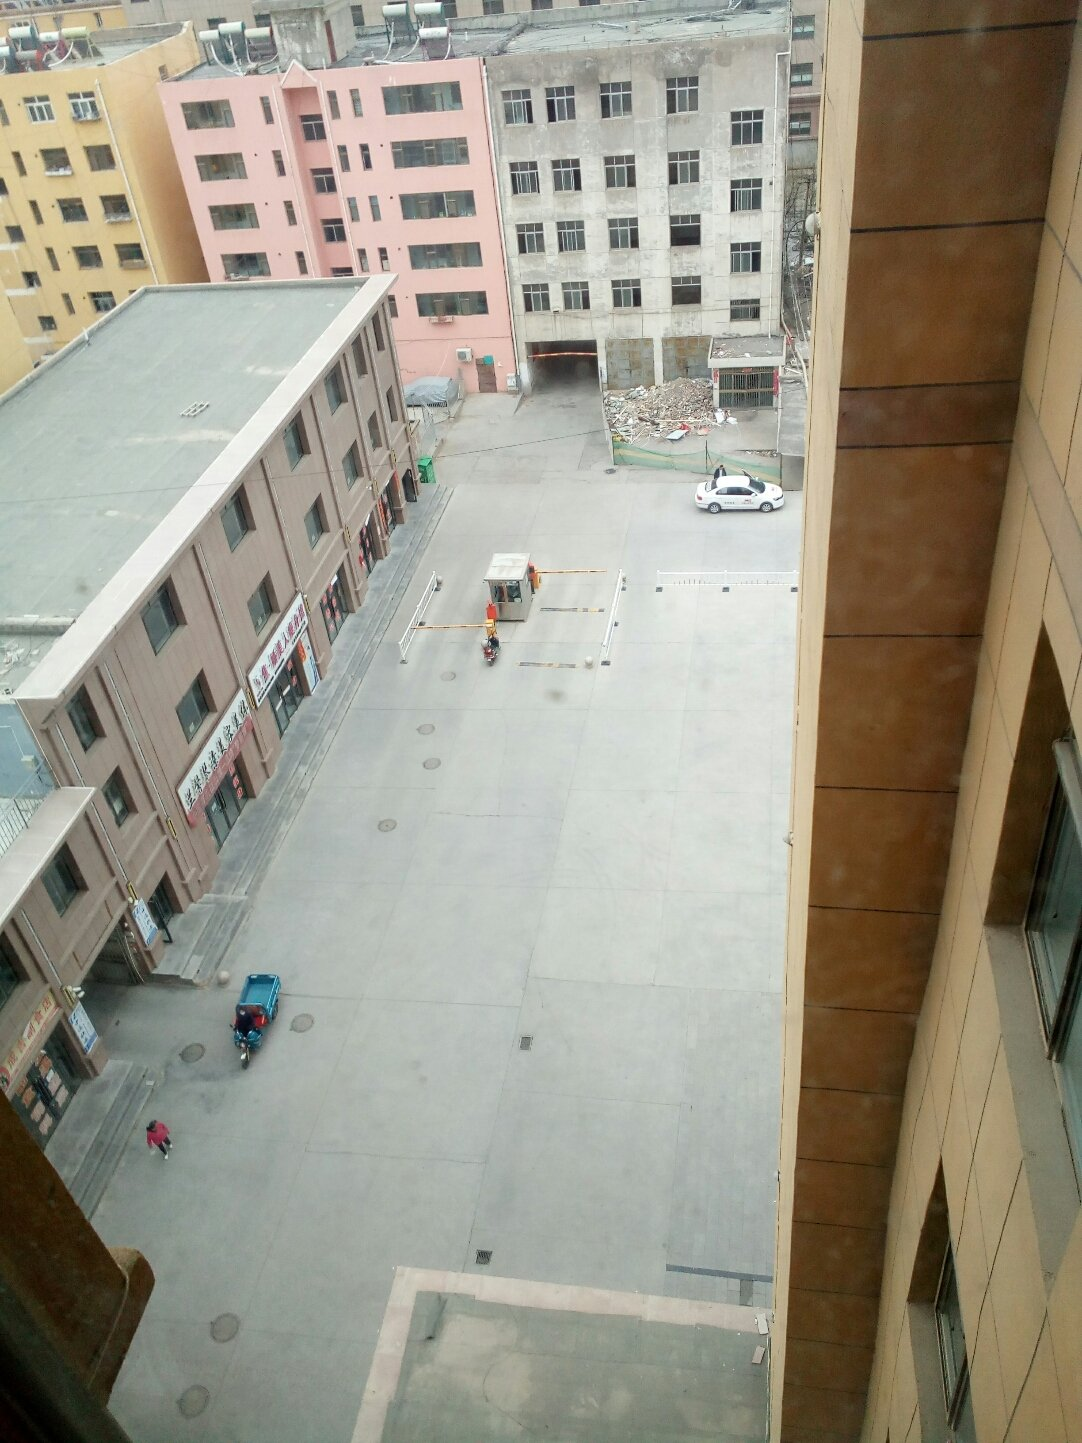 甘肃省张掖市山丹县仓坊街靠近山丹县公路运输管理所天气预报